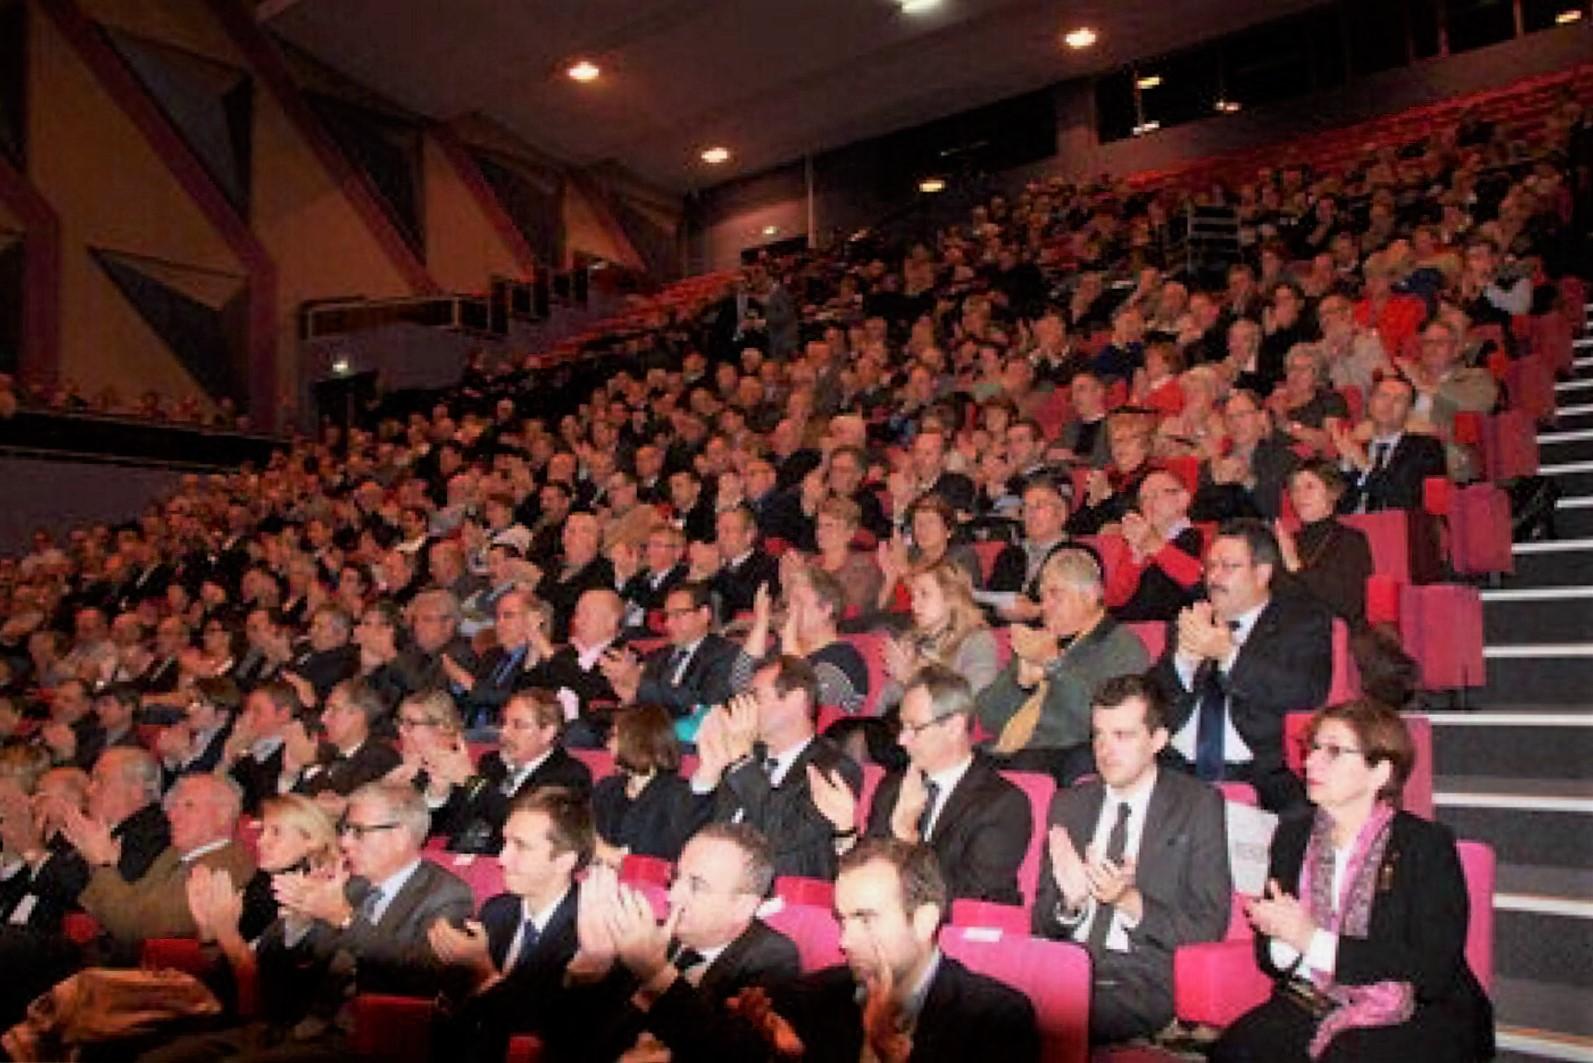 Les maires des 675 communes de l'Eure étaient conviées par le préfet au Cadran, à Evreux, ce samedi matin (Photo@préfecture de l'Eure)